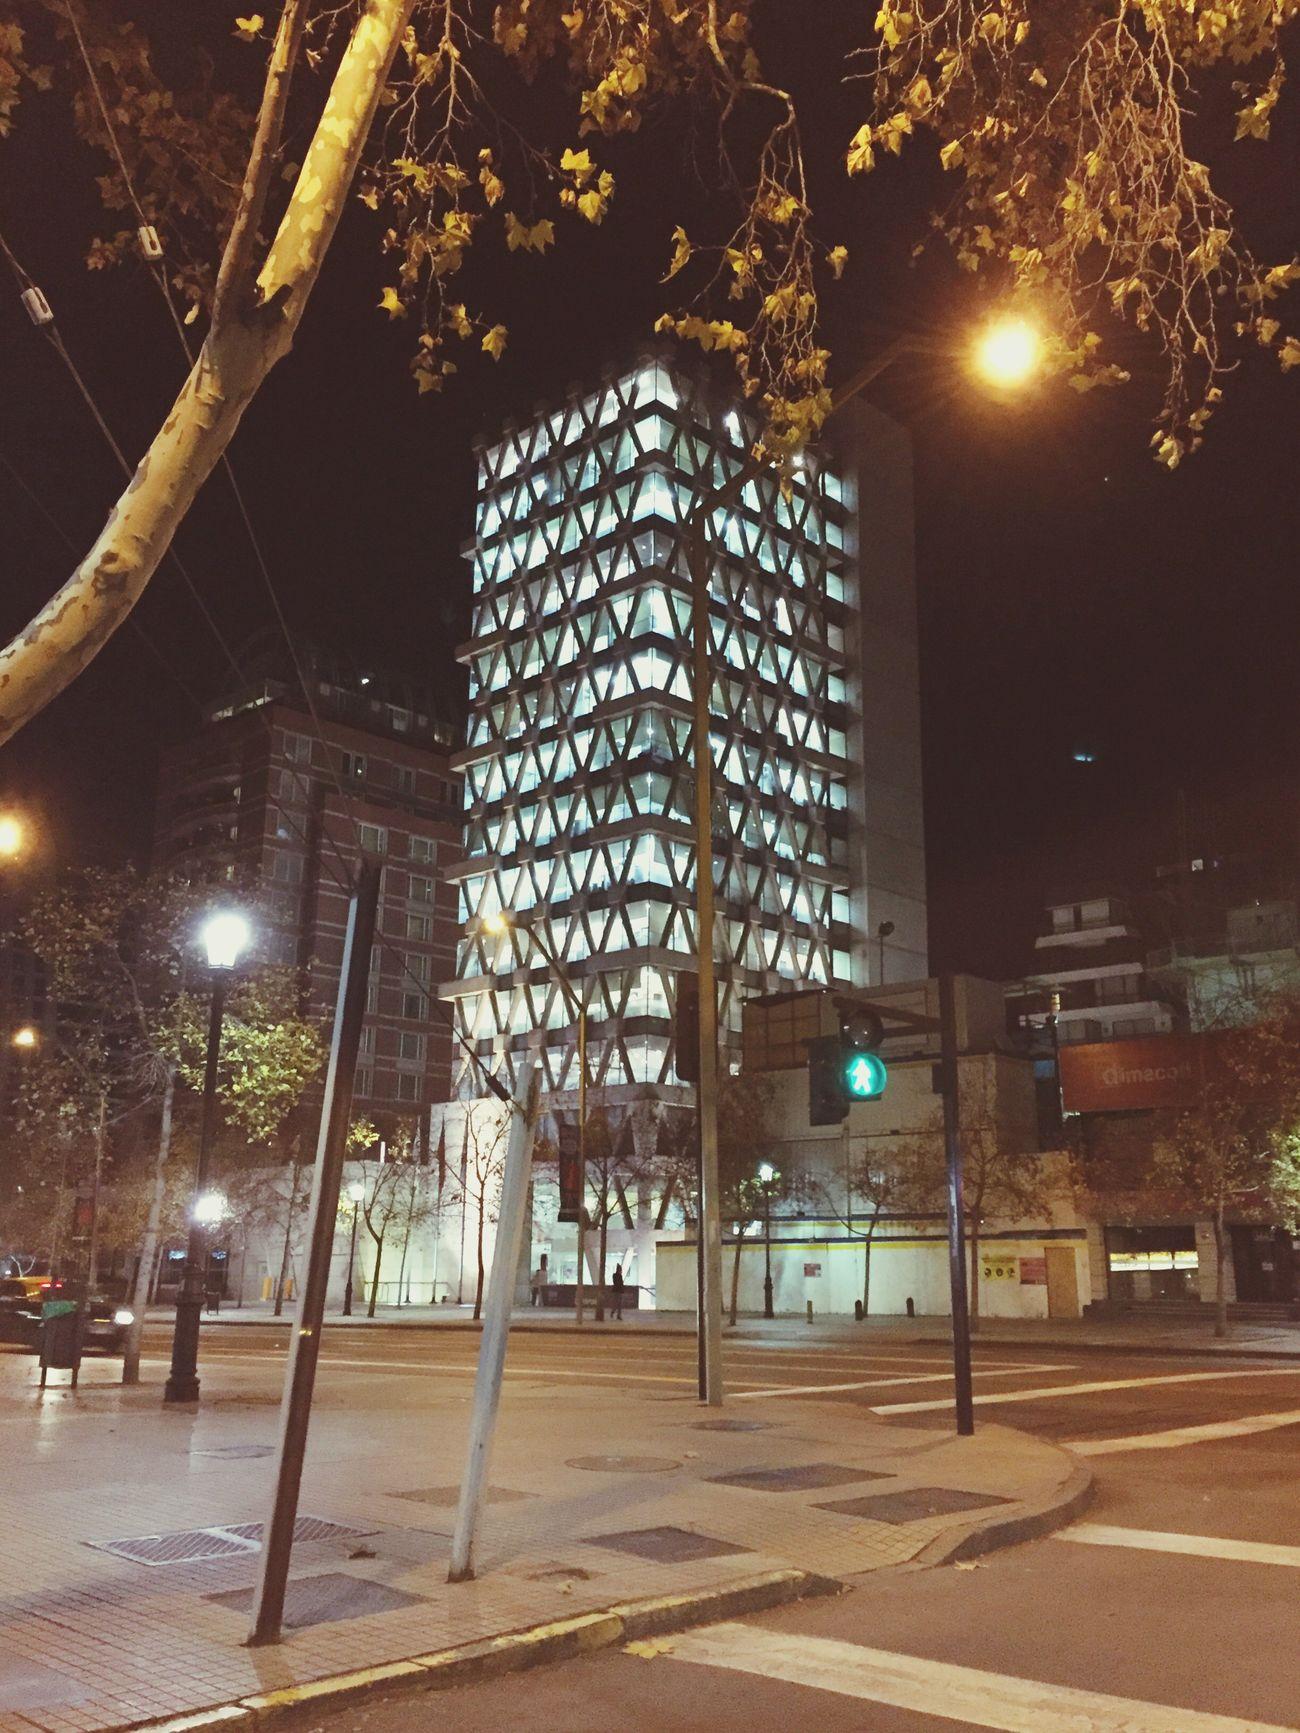 Municipalidad de Las Condes, 23:30 hrs con todas sus luces encendidas. Las Condes Municipalidad Noche